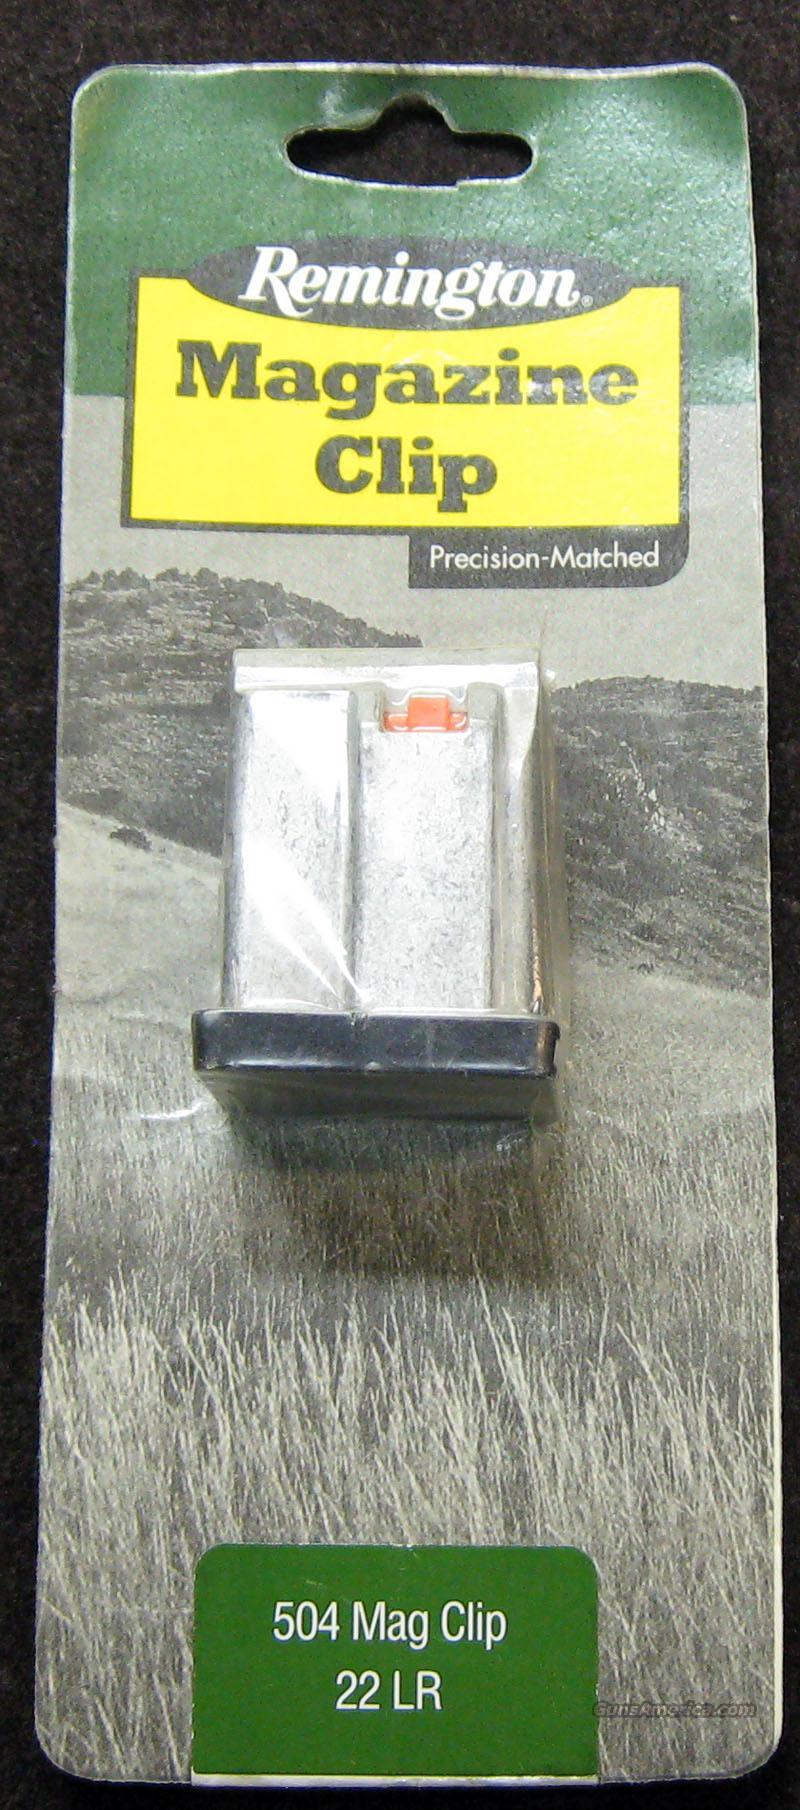 Ps90 For Sale >> Remington 504 Mag Clip .22lr for sale